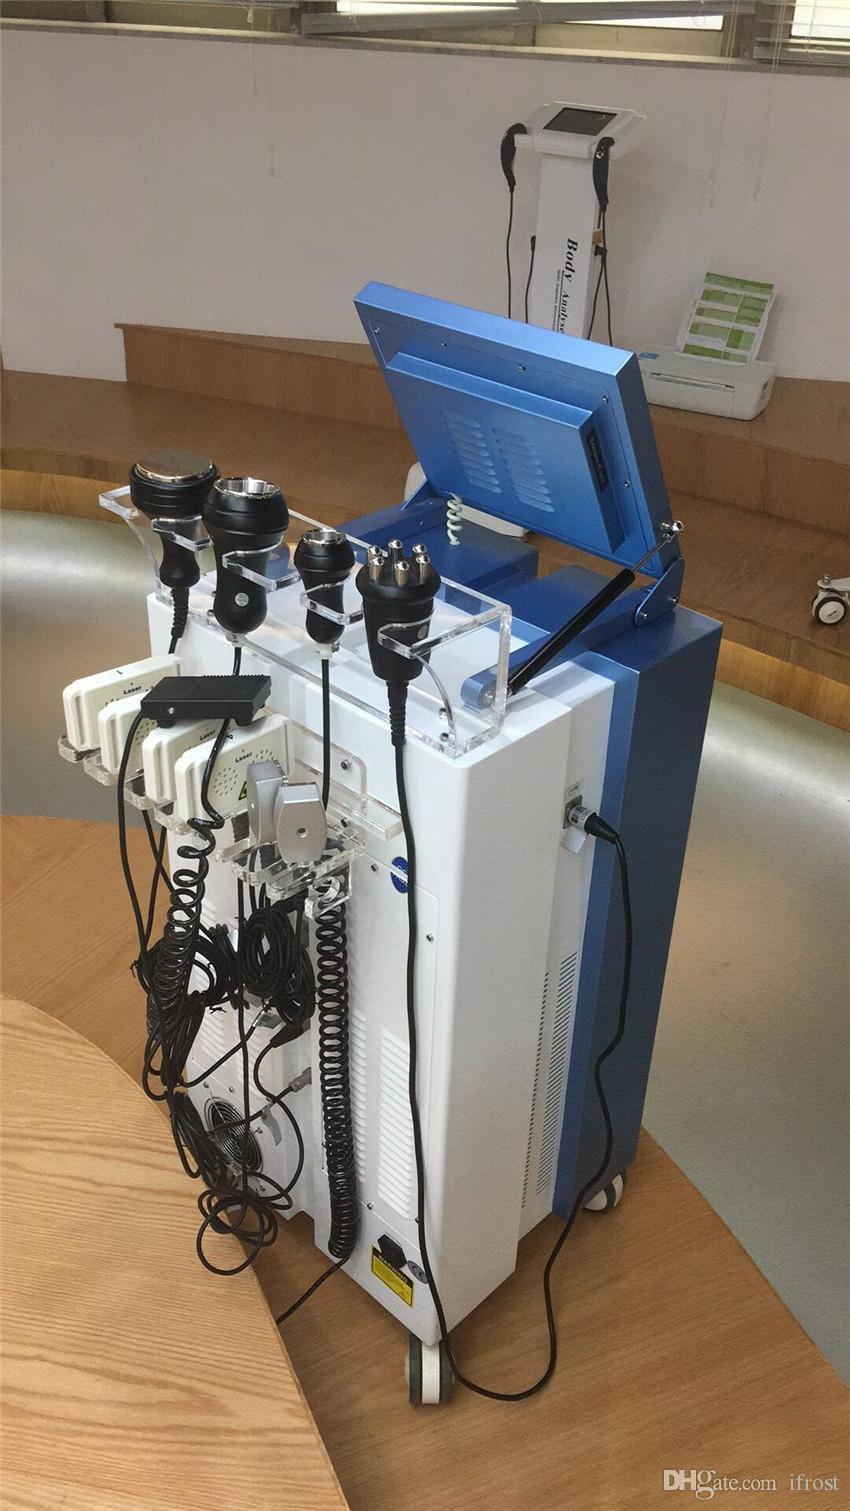 Горячая продажа домашнего использования и салон профессионального 5 в 1 650нм липо лазер тела похудения машина / ls650 для потери веса похудения машины